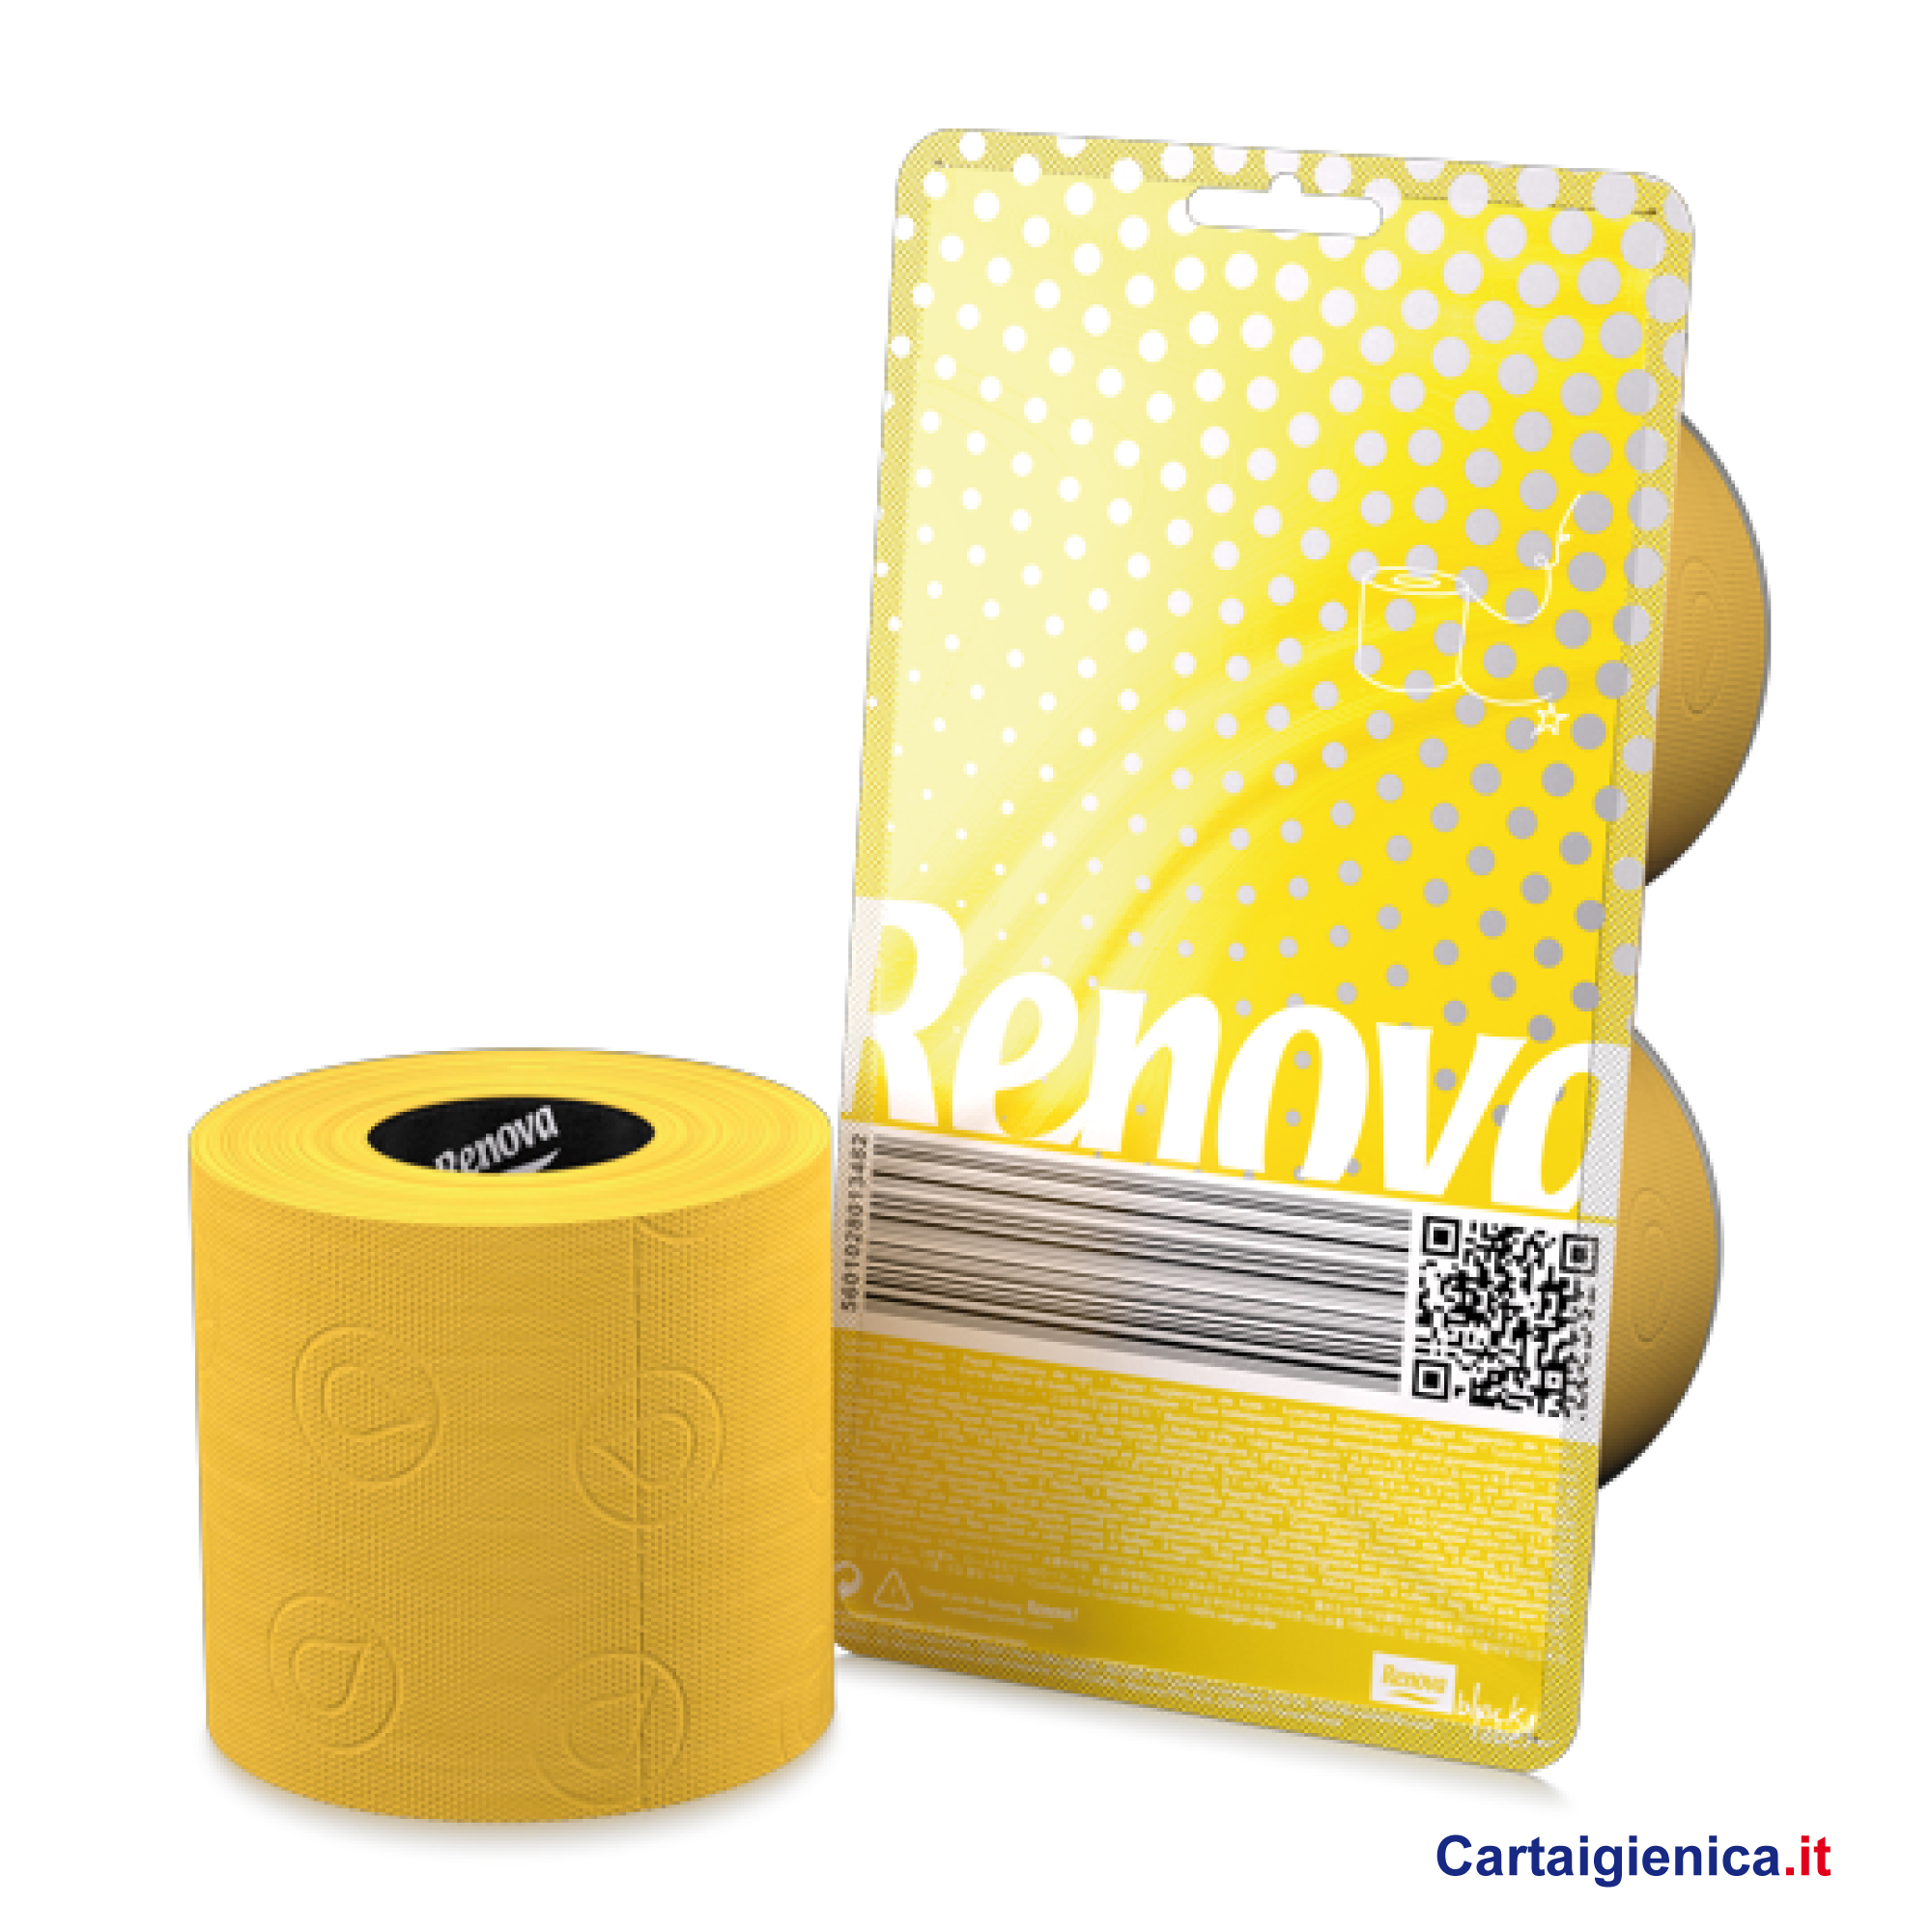 renova carta igienica colorata giallo 2 rotoli cartaigienica.it